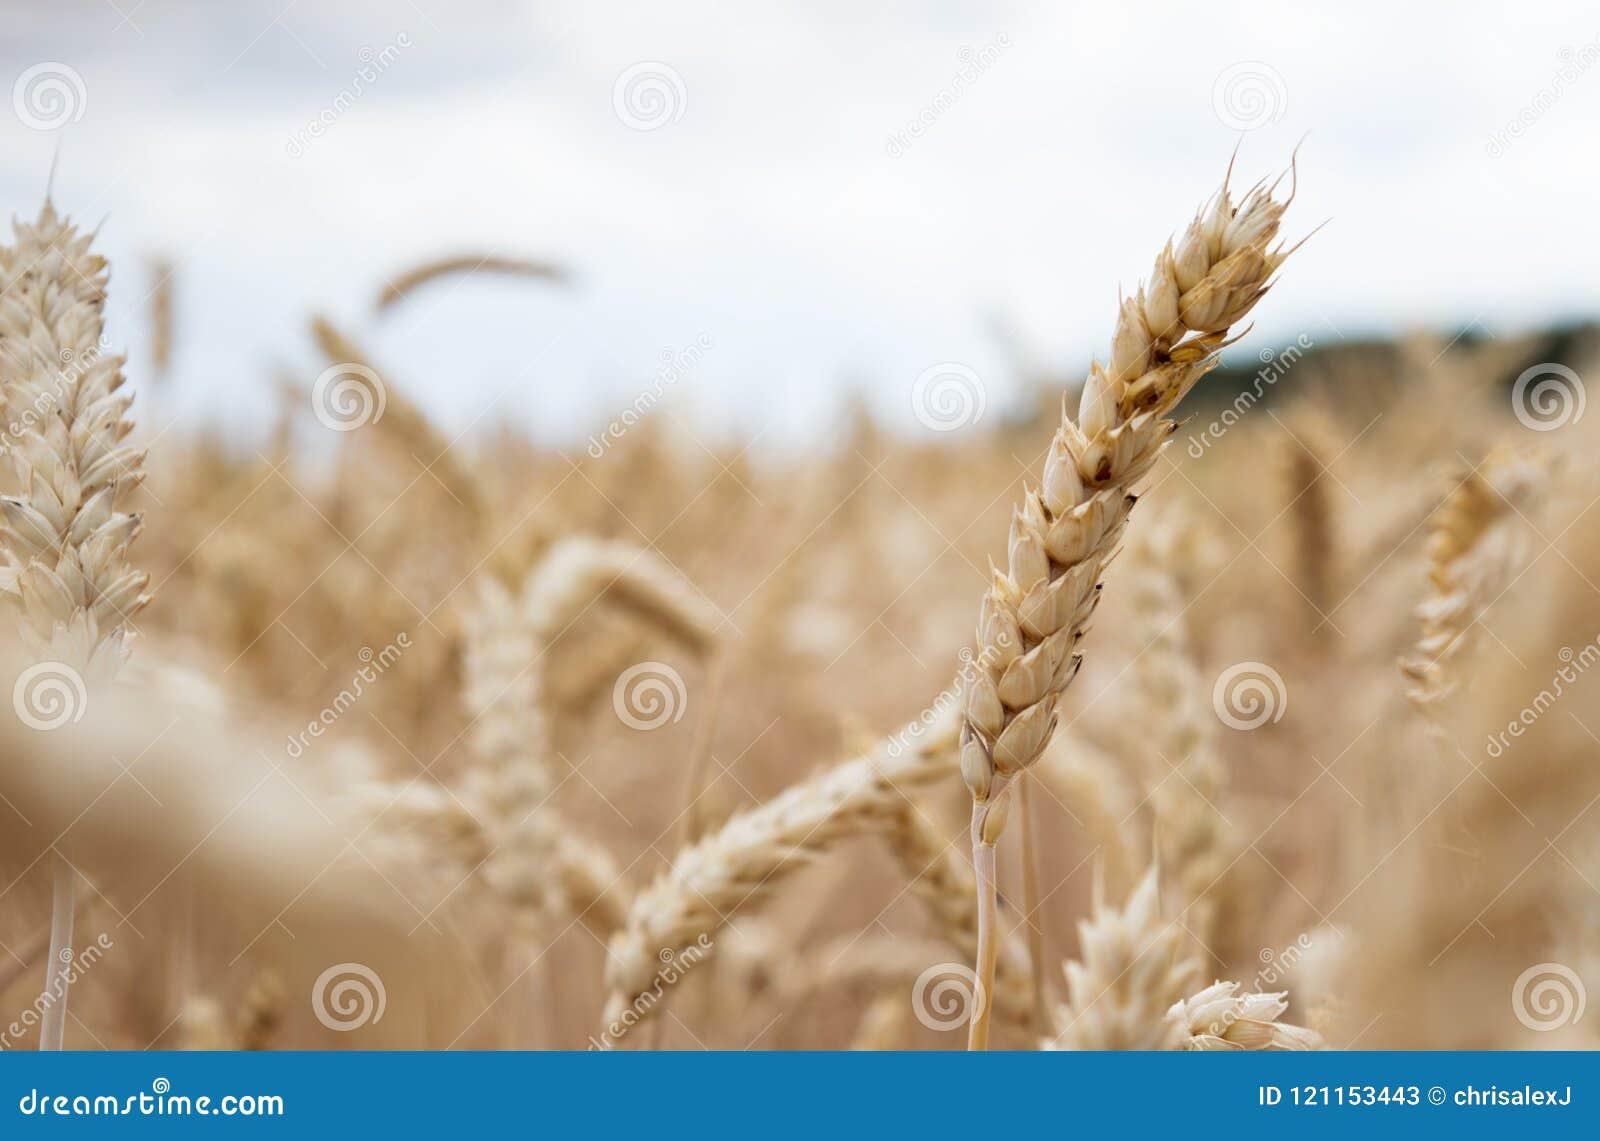 金黄玉米田准备好收获